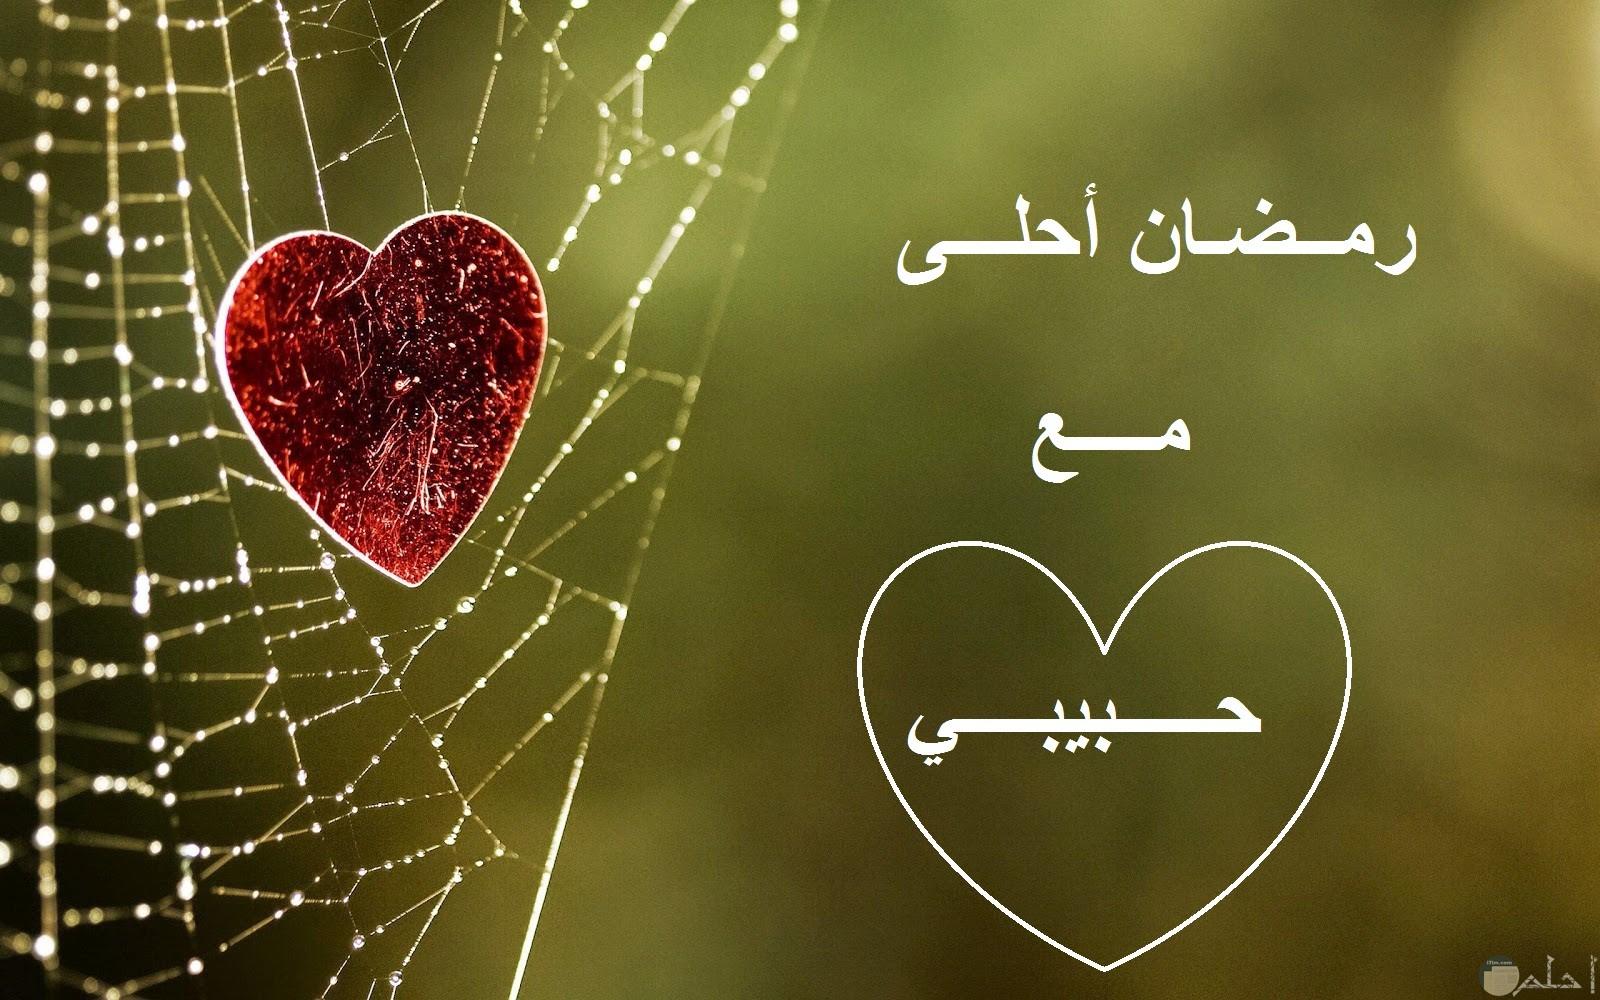 صورة رومانسية مكتوب عليها رمضان أحلى مع حبيبي.